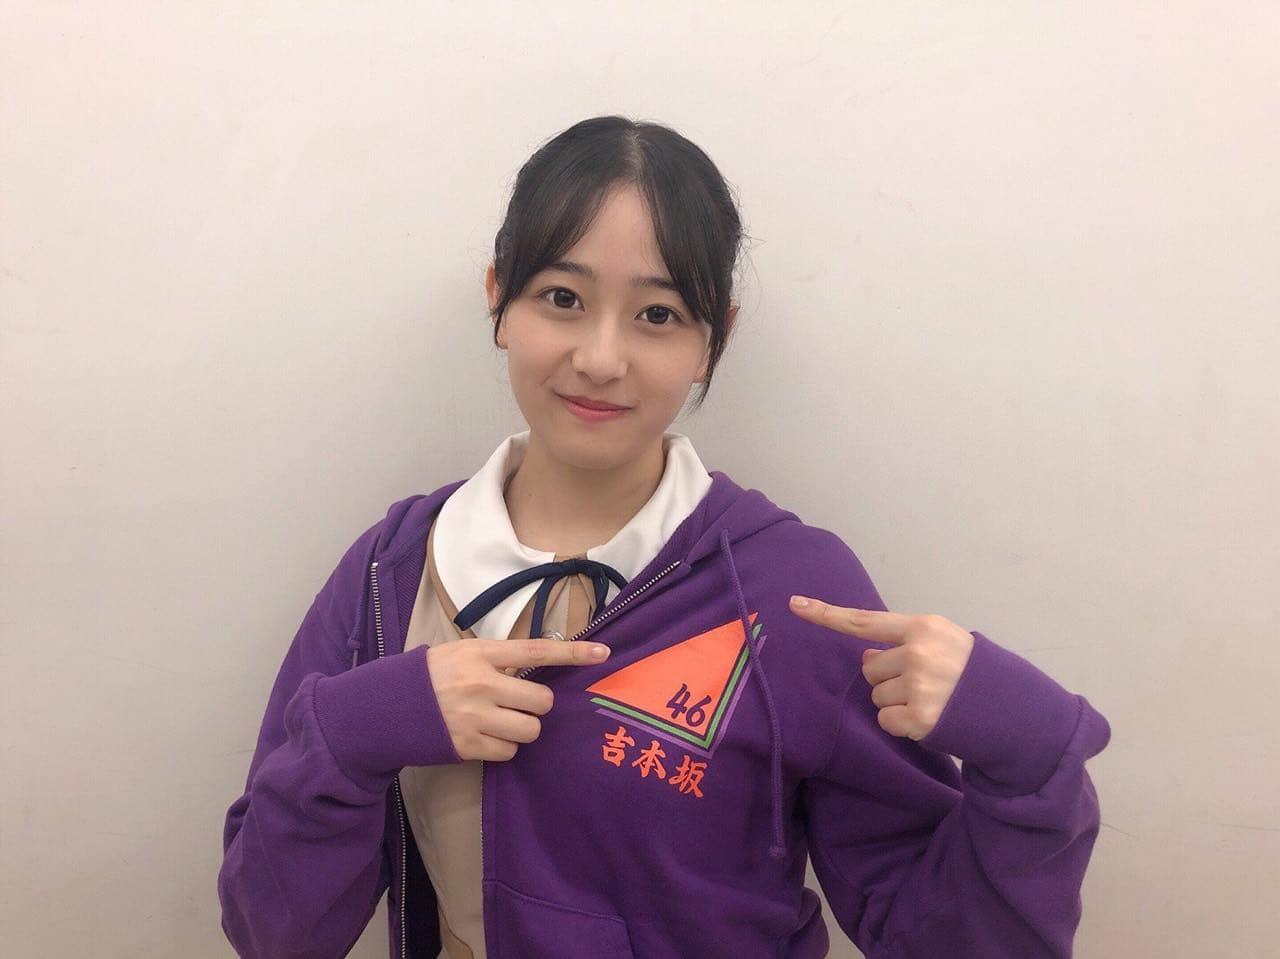 乃木坂46 向井葉月が「吉本坂46が売れるまでの全記録 シーズン2」に出演!